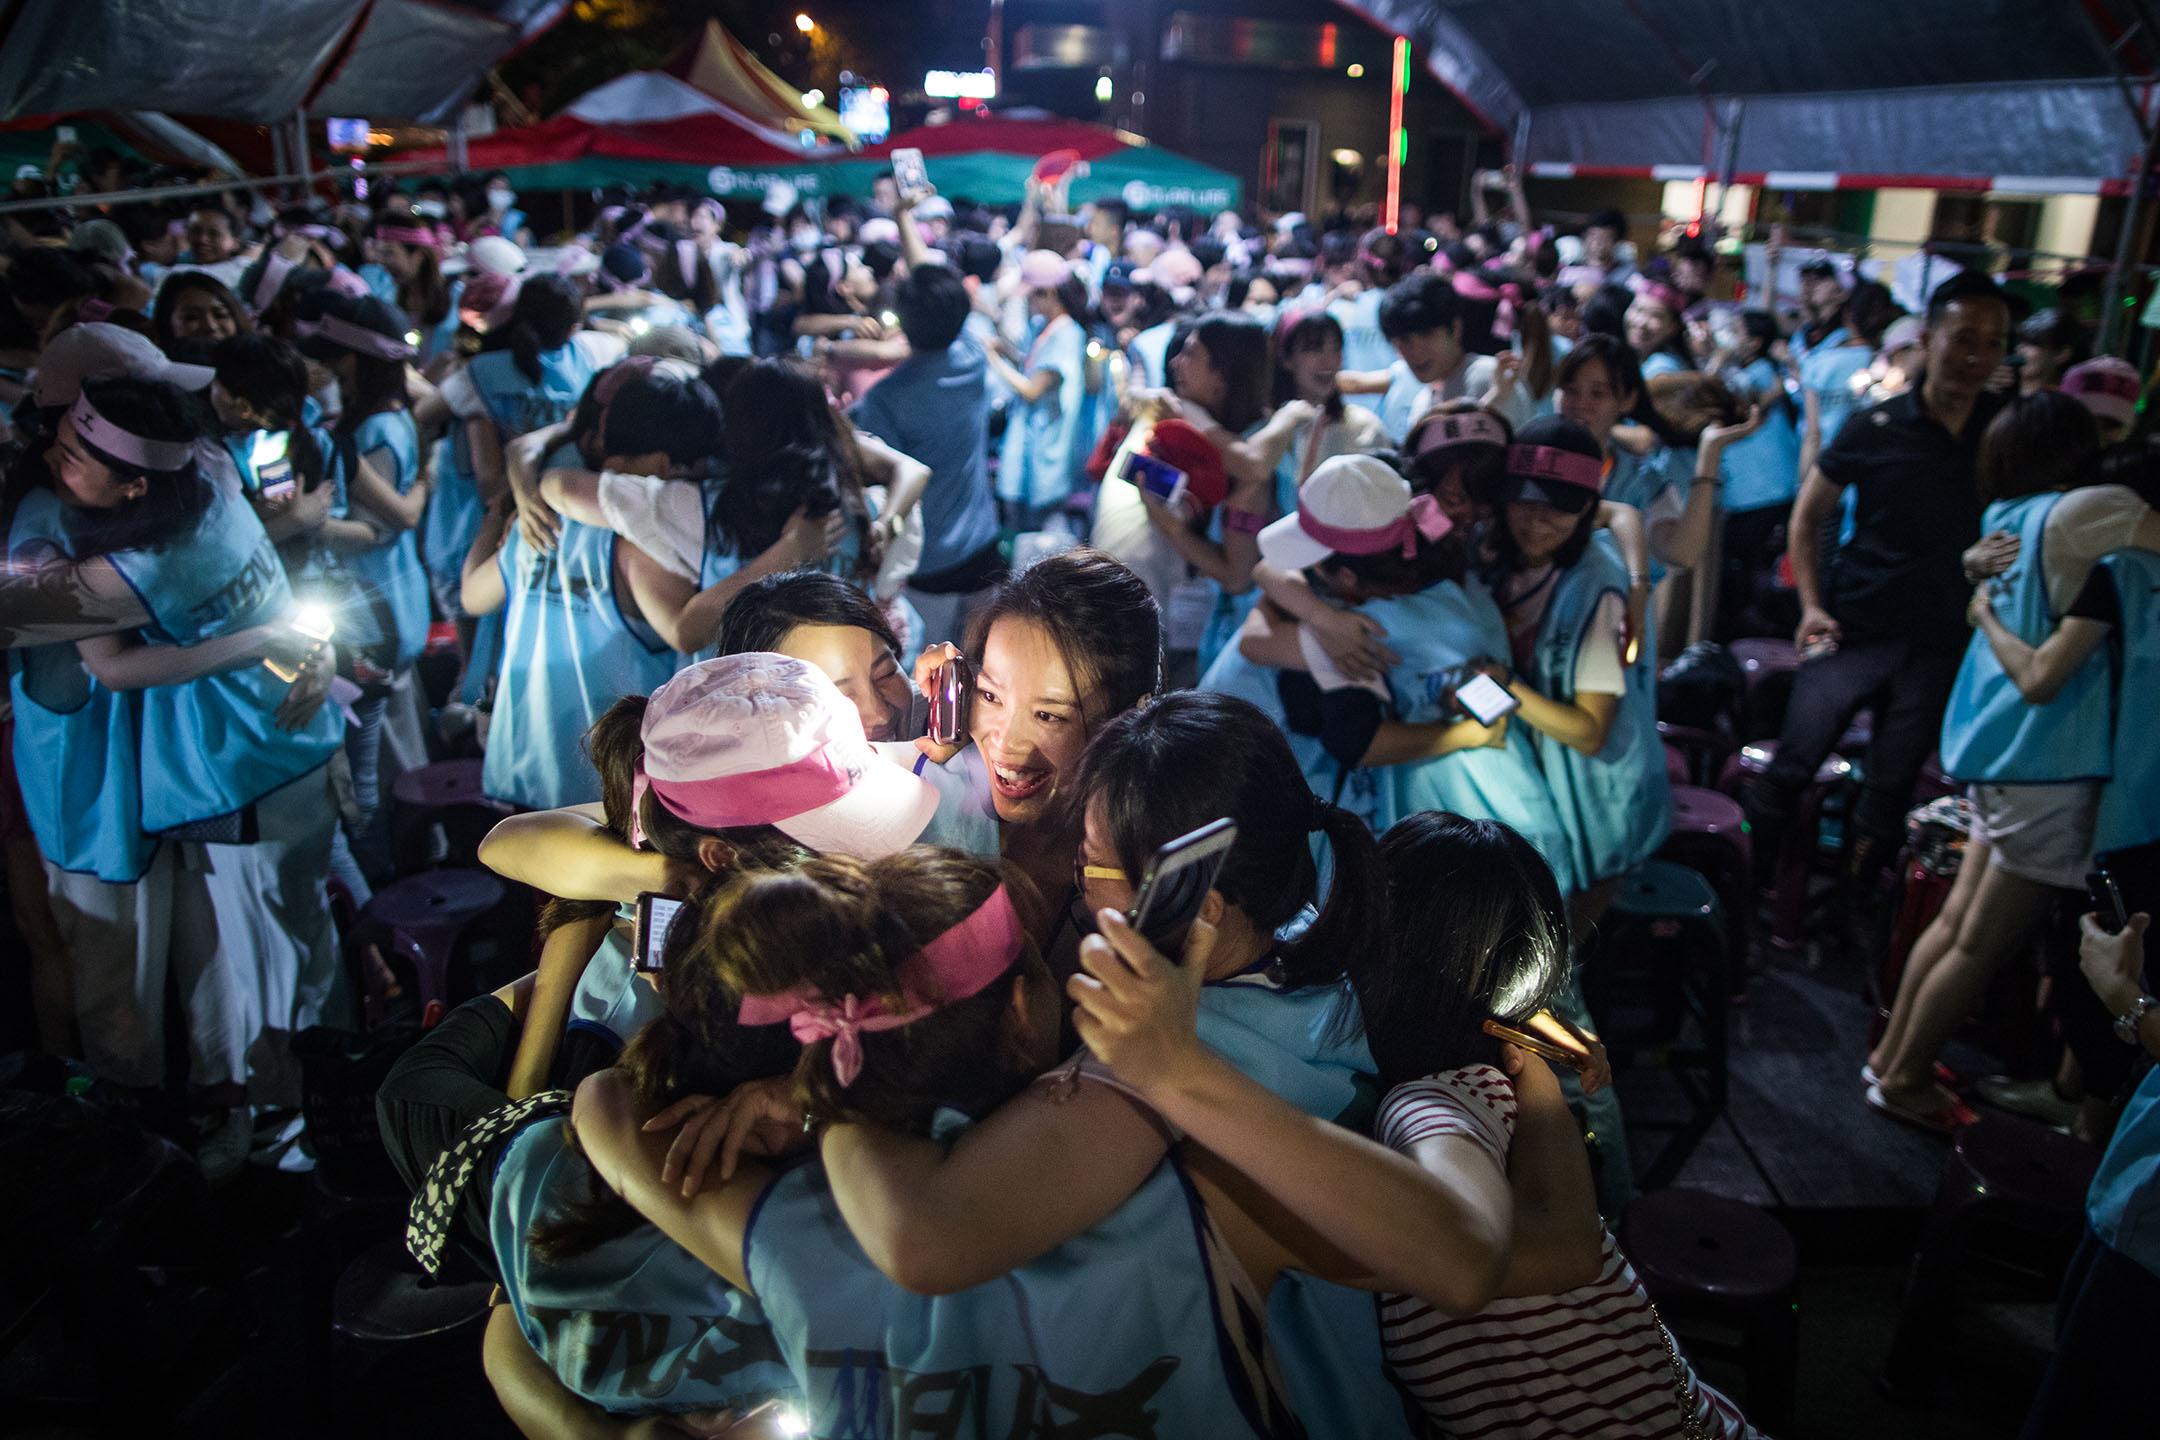 2019年7月6日,晚間7時南崁罷工棚開始舉行晚會活動。 攝:陳焯煇/端傳媒